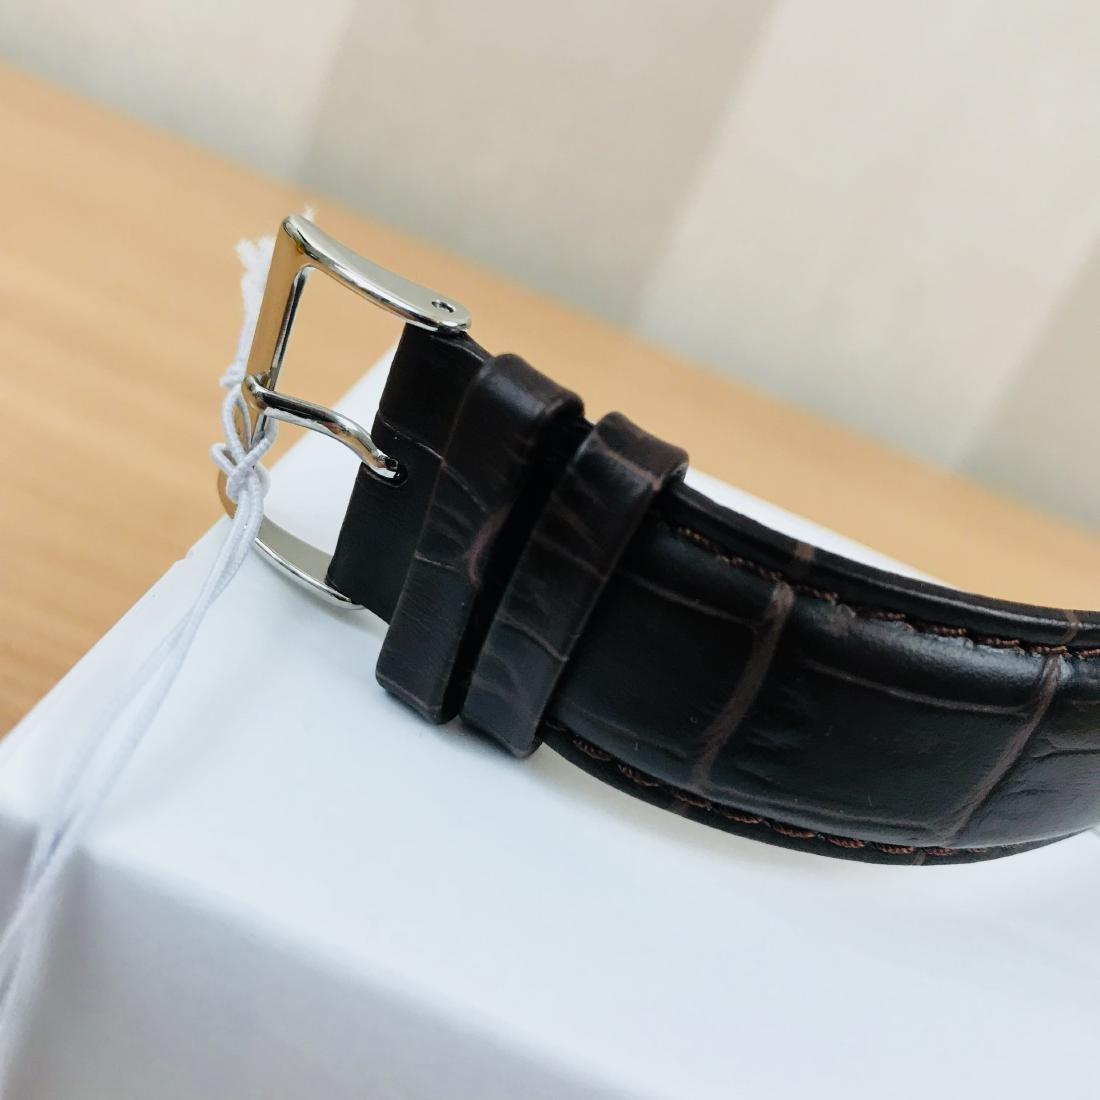 Pierre Cardin – Men's Classic Watch - 9